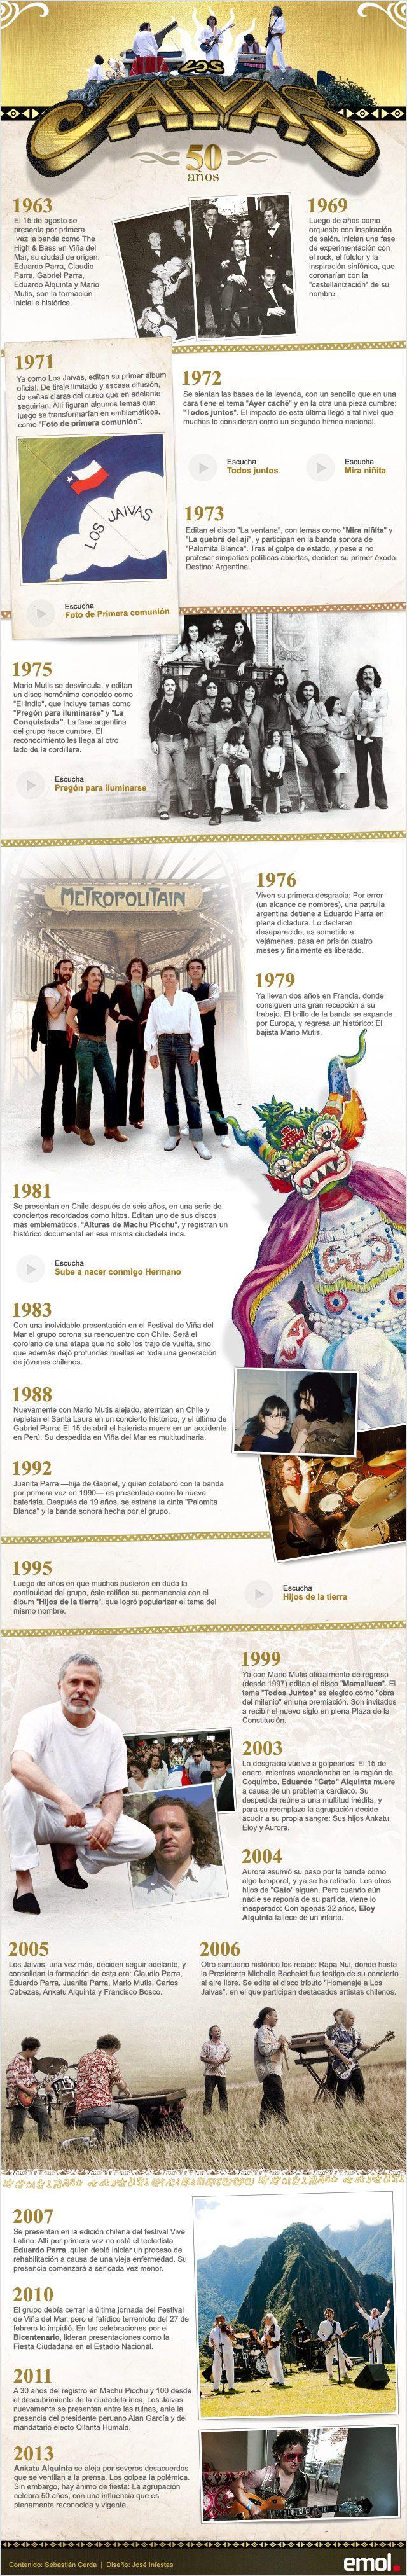 Los Jaivas, 50 años - Una infografía interactiva de Emol.com